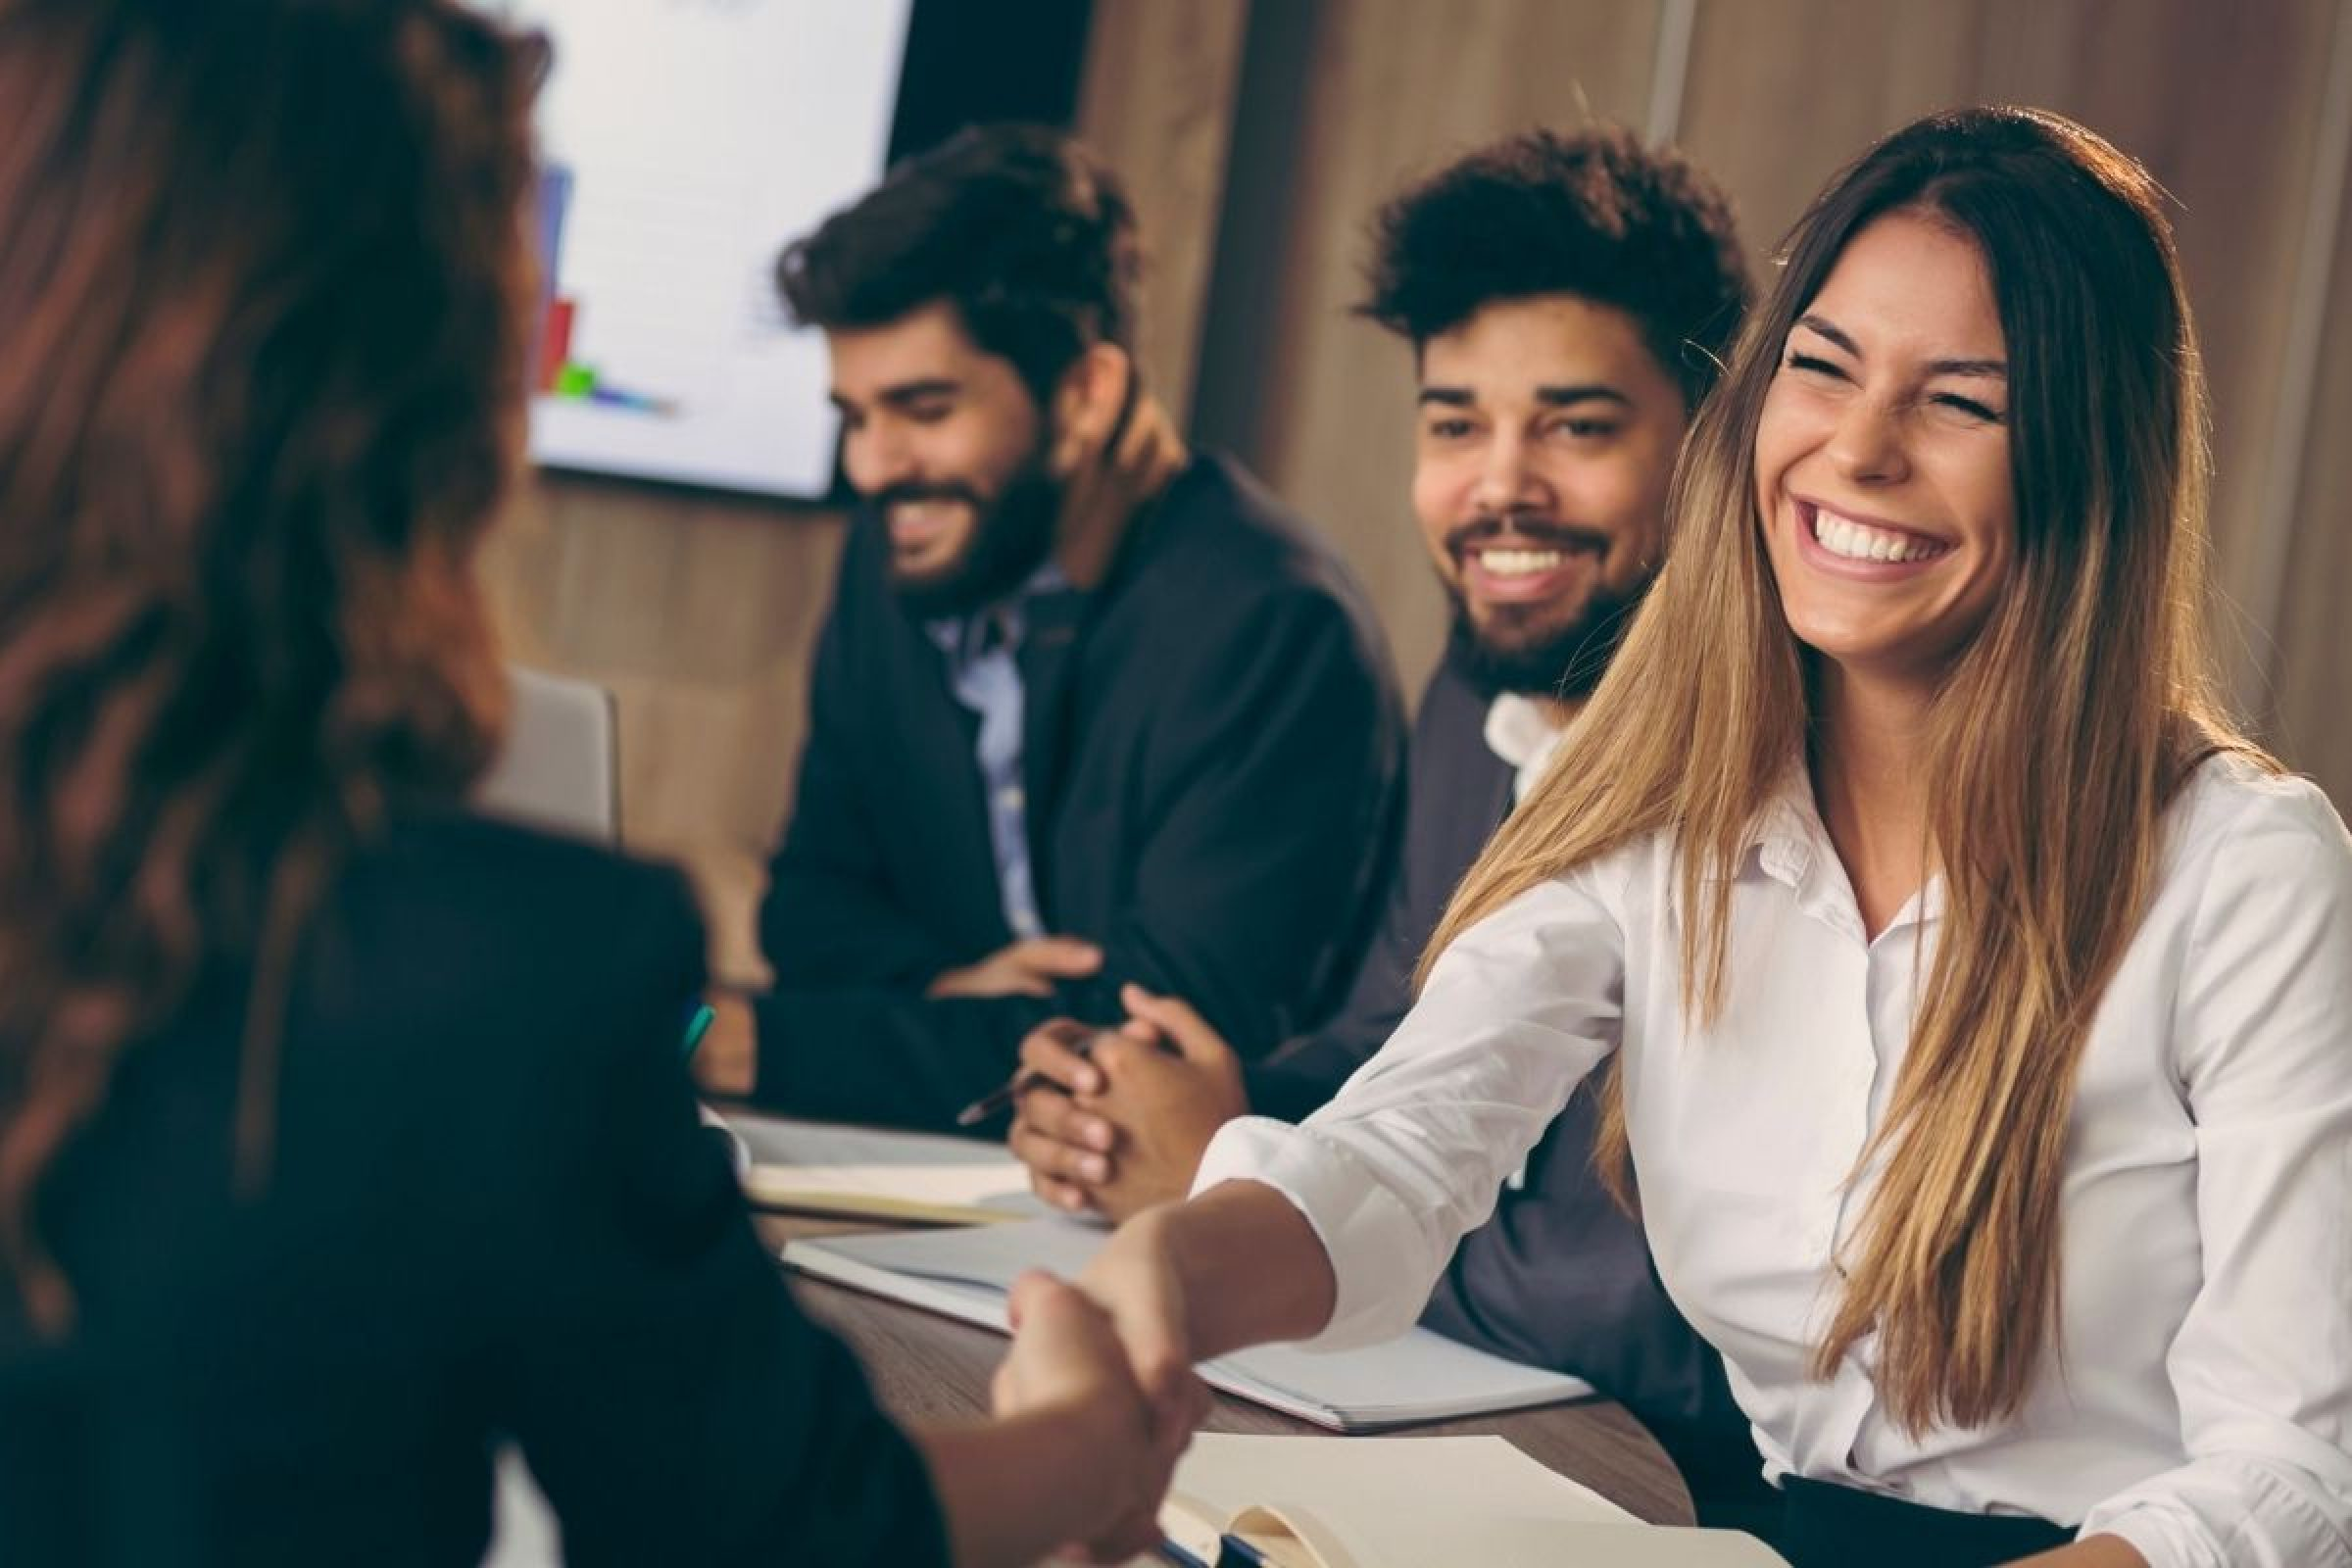 Recruiting-Prozess optimieren: 4 Tipps für mehr passende Kandidaten